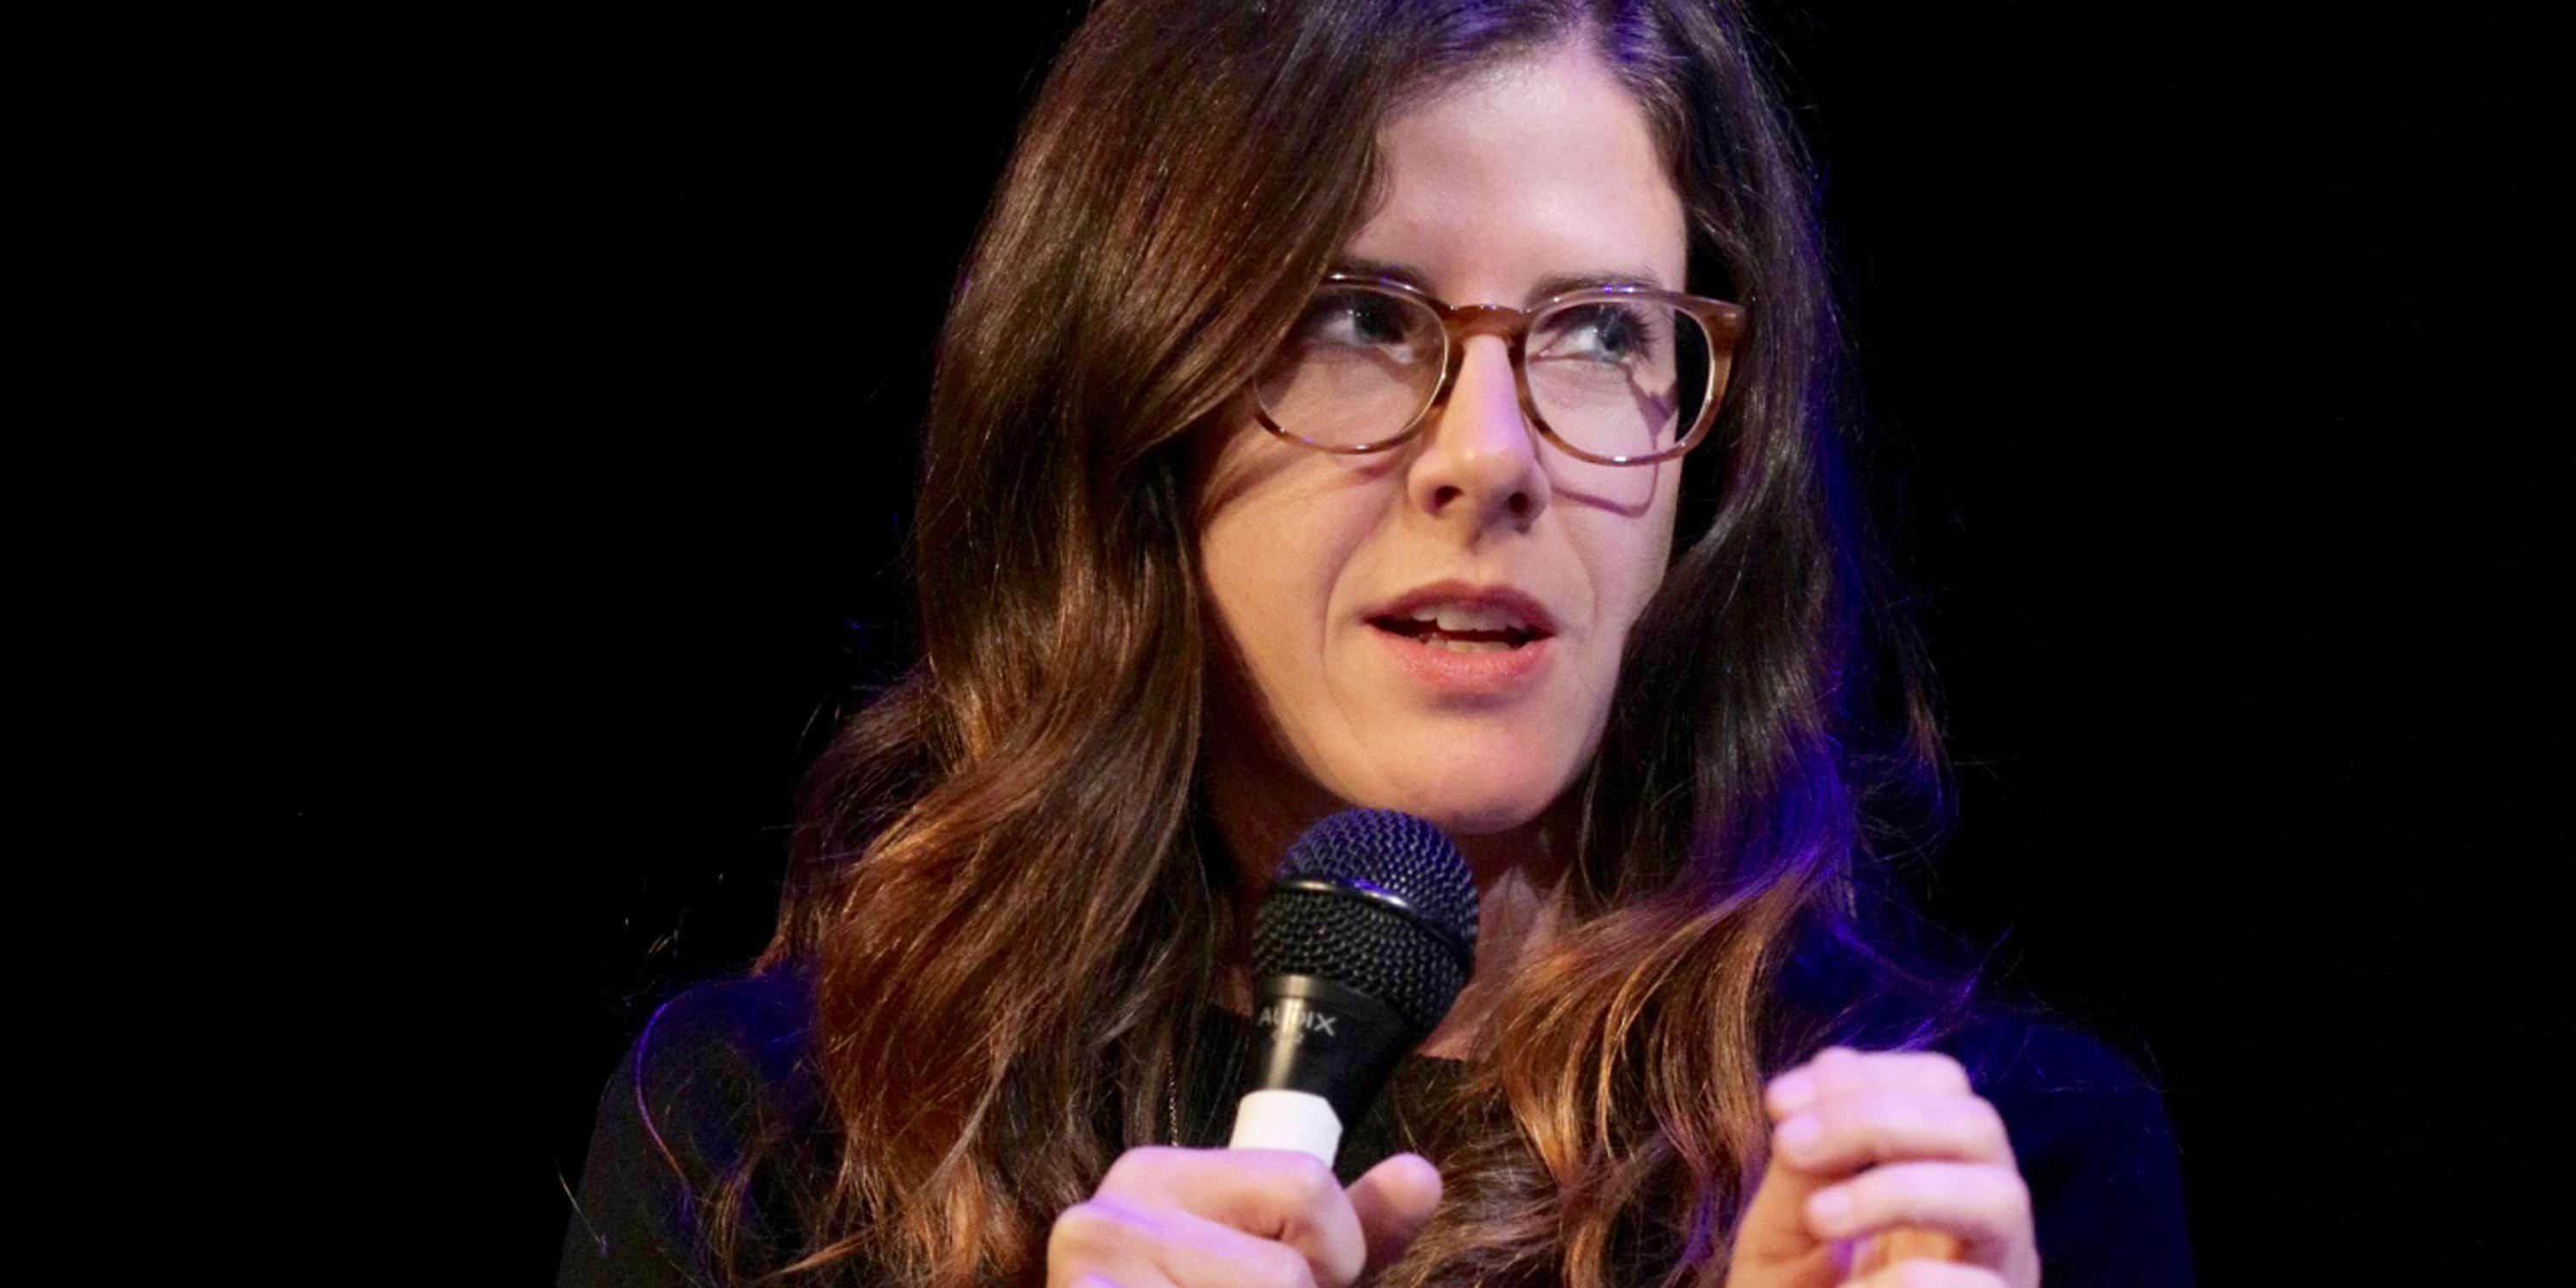 2018 Brendan Gill Prize Winner Julia Wertz speaks